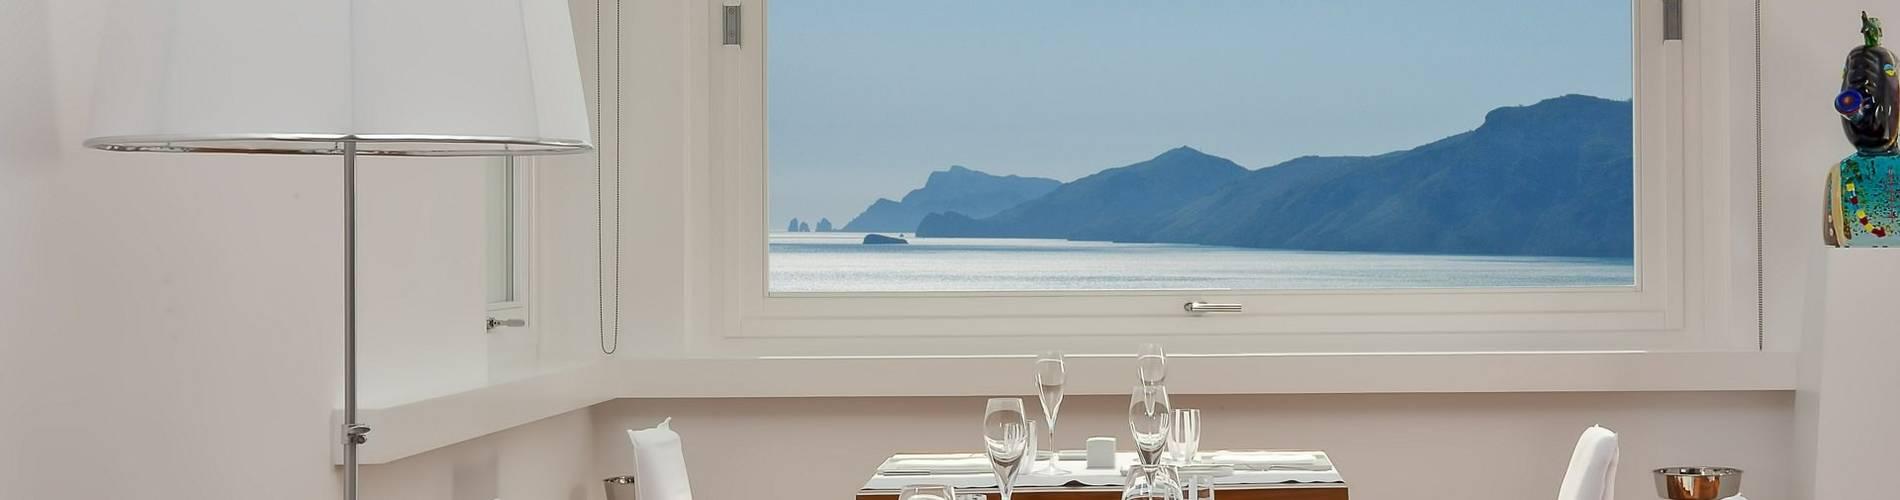 Casa Angelina, Amalfi Coast, Italy (58).jpg